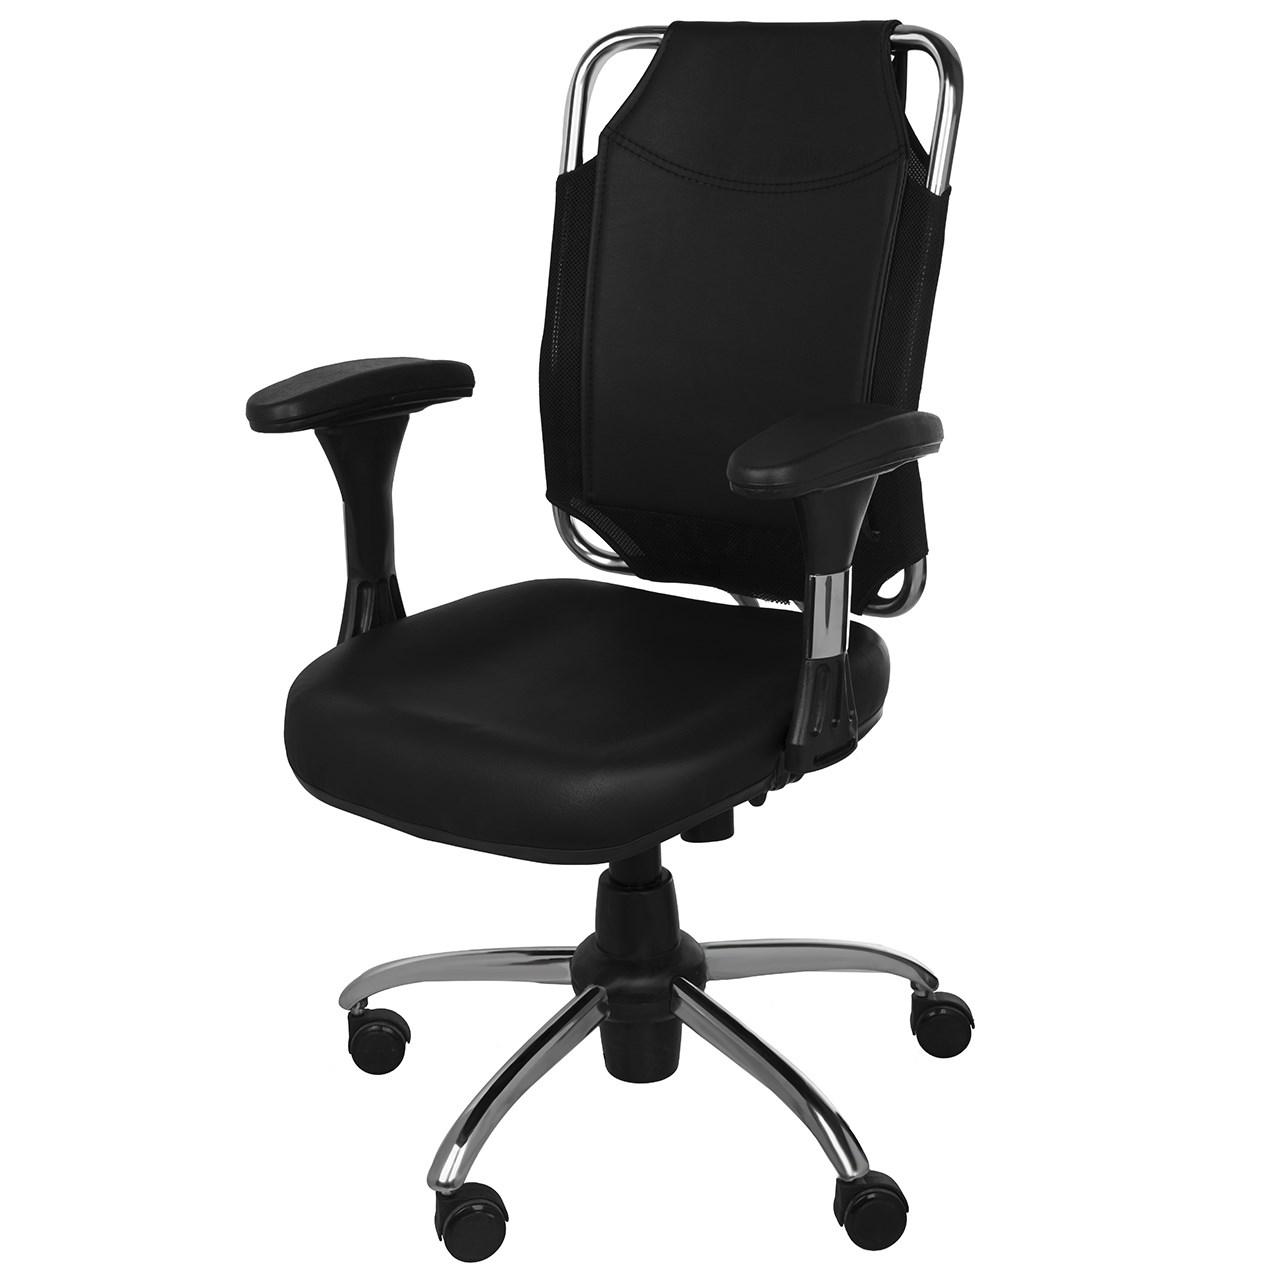 صندلی نوین آرا مدل K713G چرمی